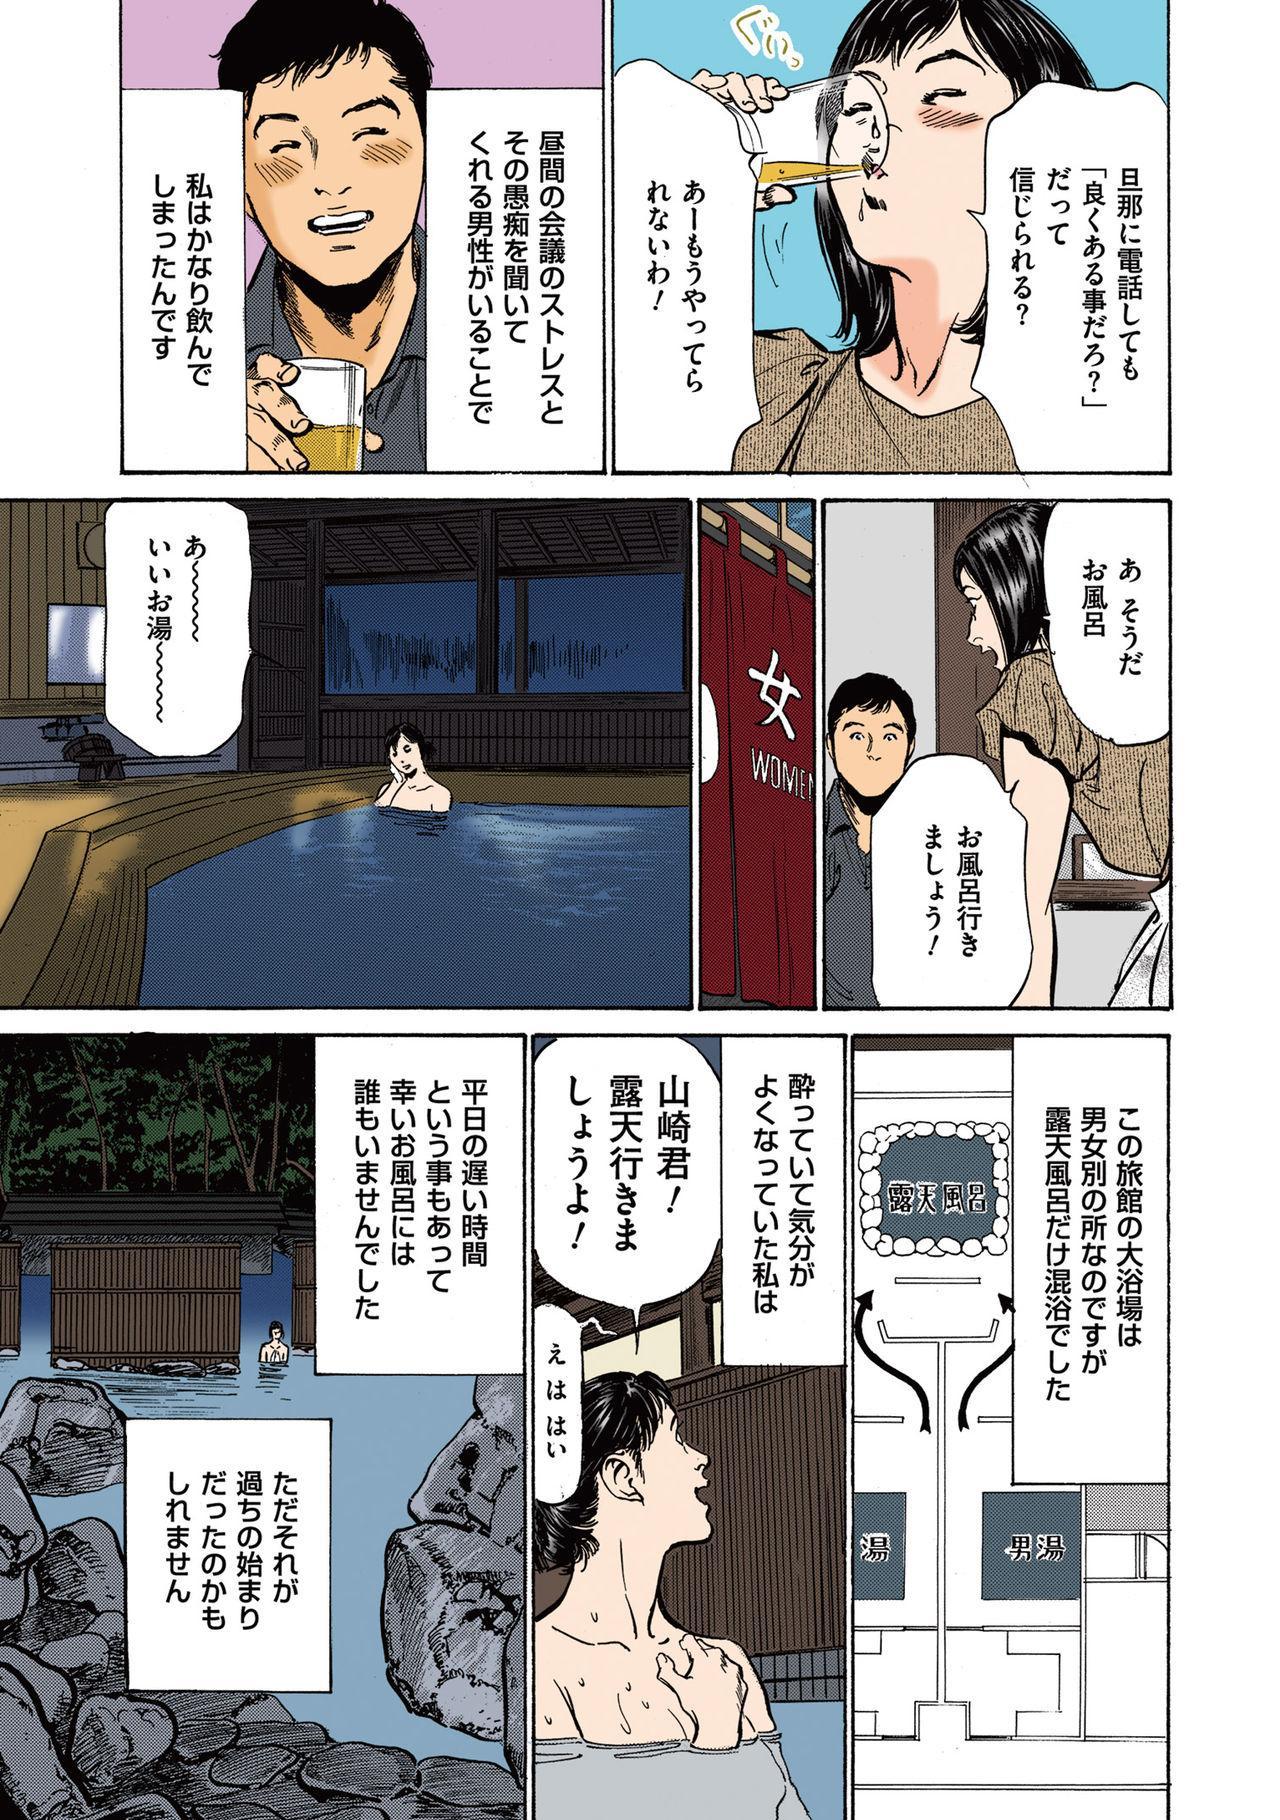 [Hazuki Kaoru] Hazuki Kaoru no Tamaranai Hanashi (Full Color Version) 2-1 88